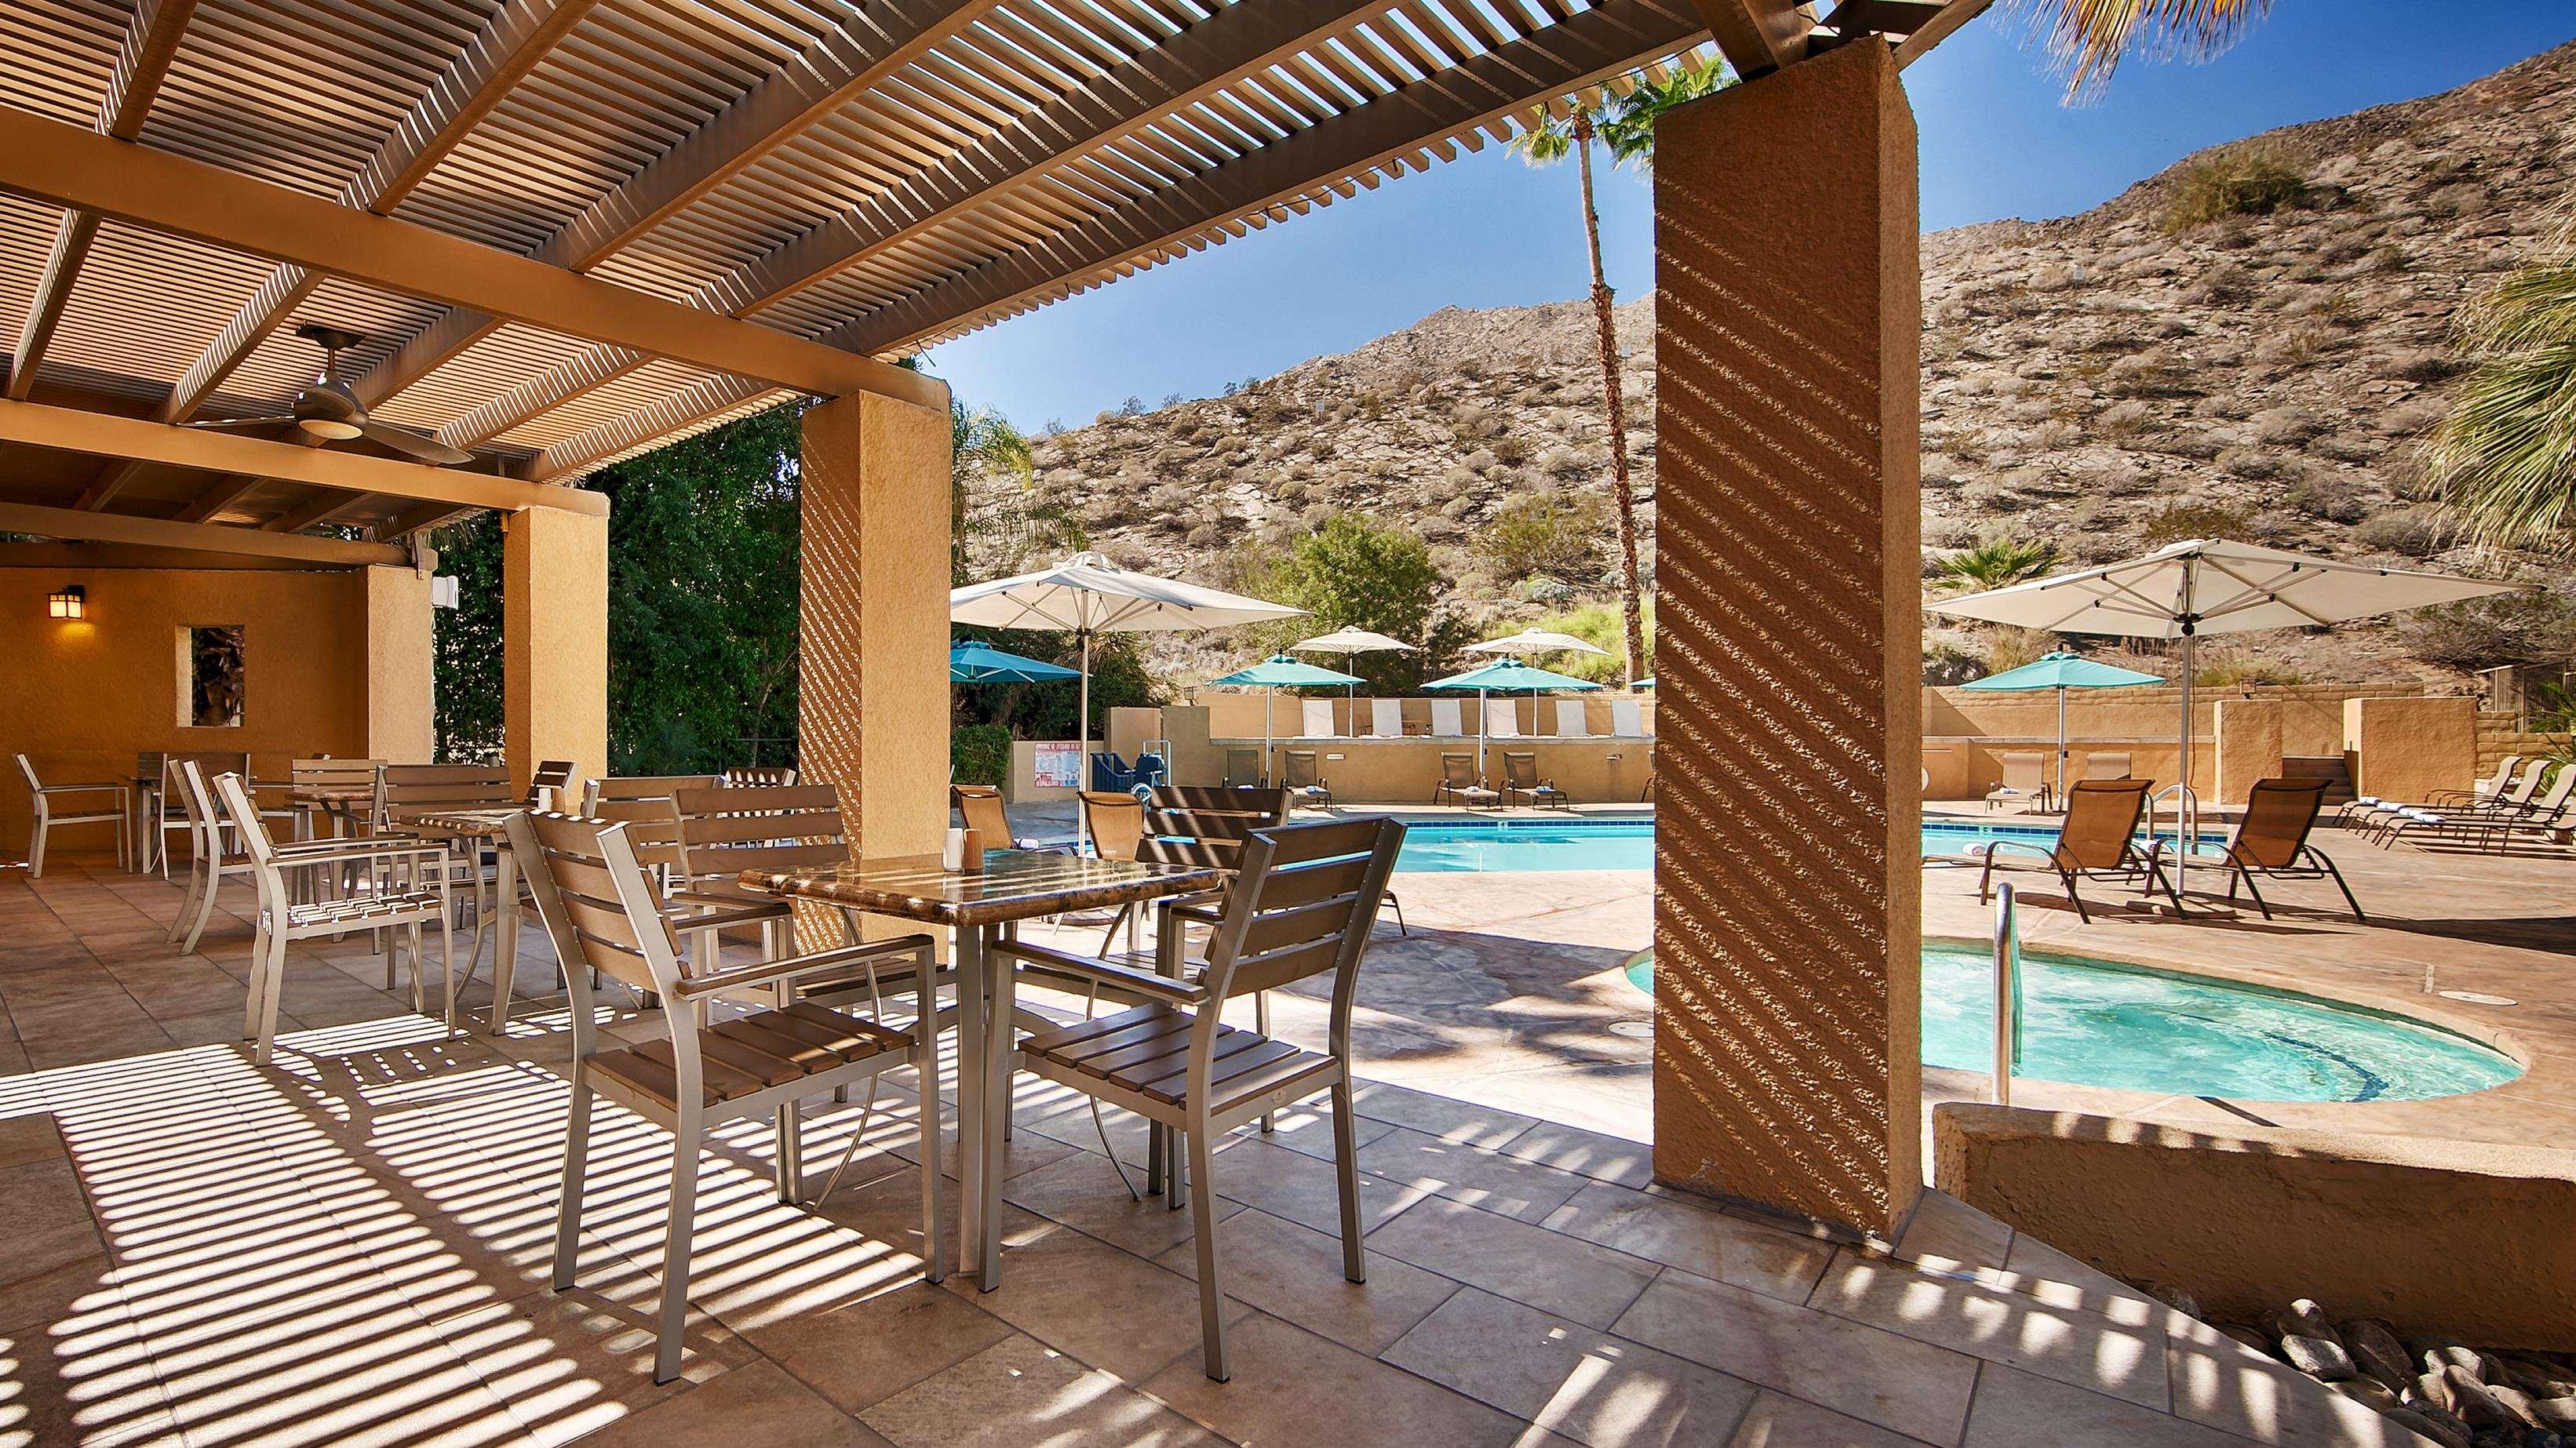 Best Western Inn at Palm Springs image 37